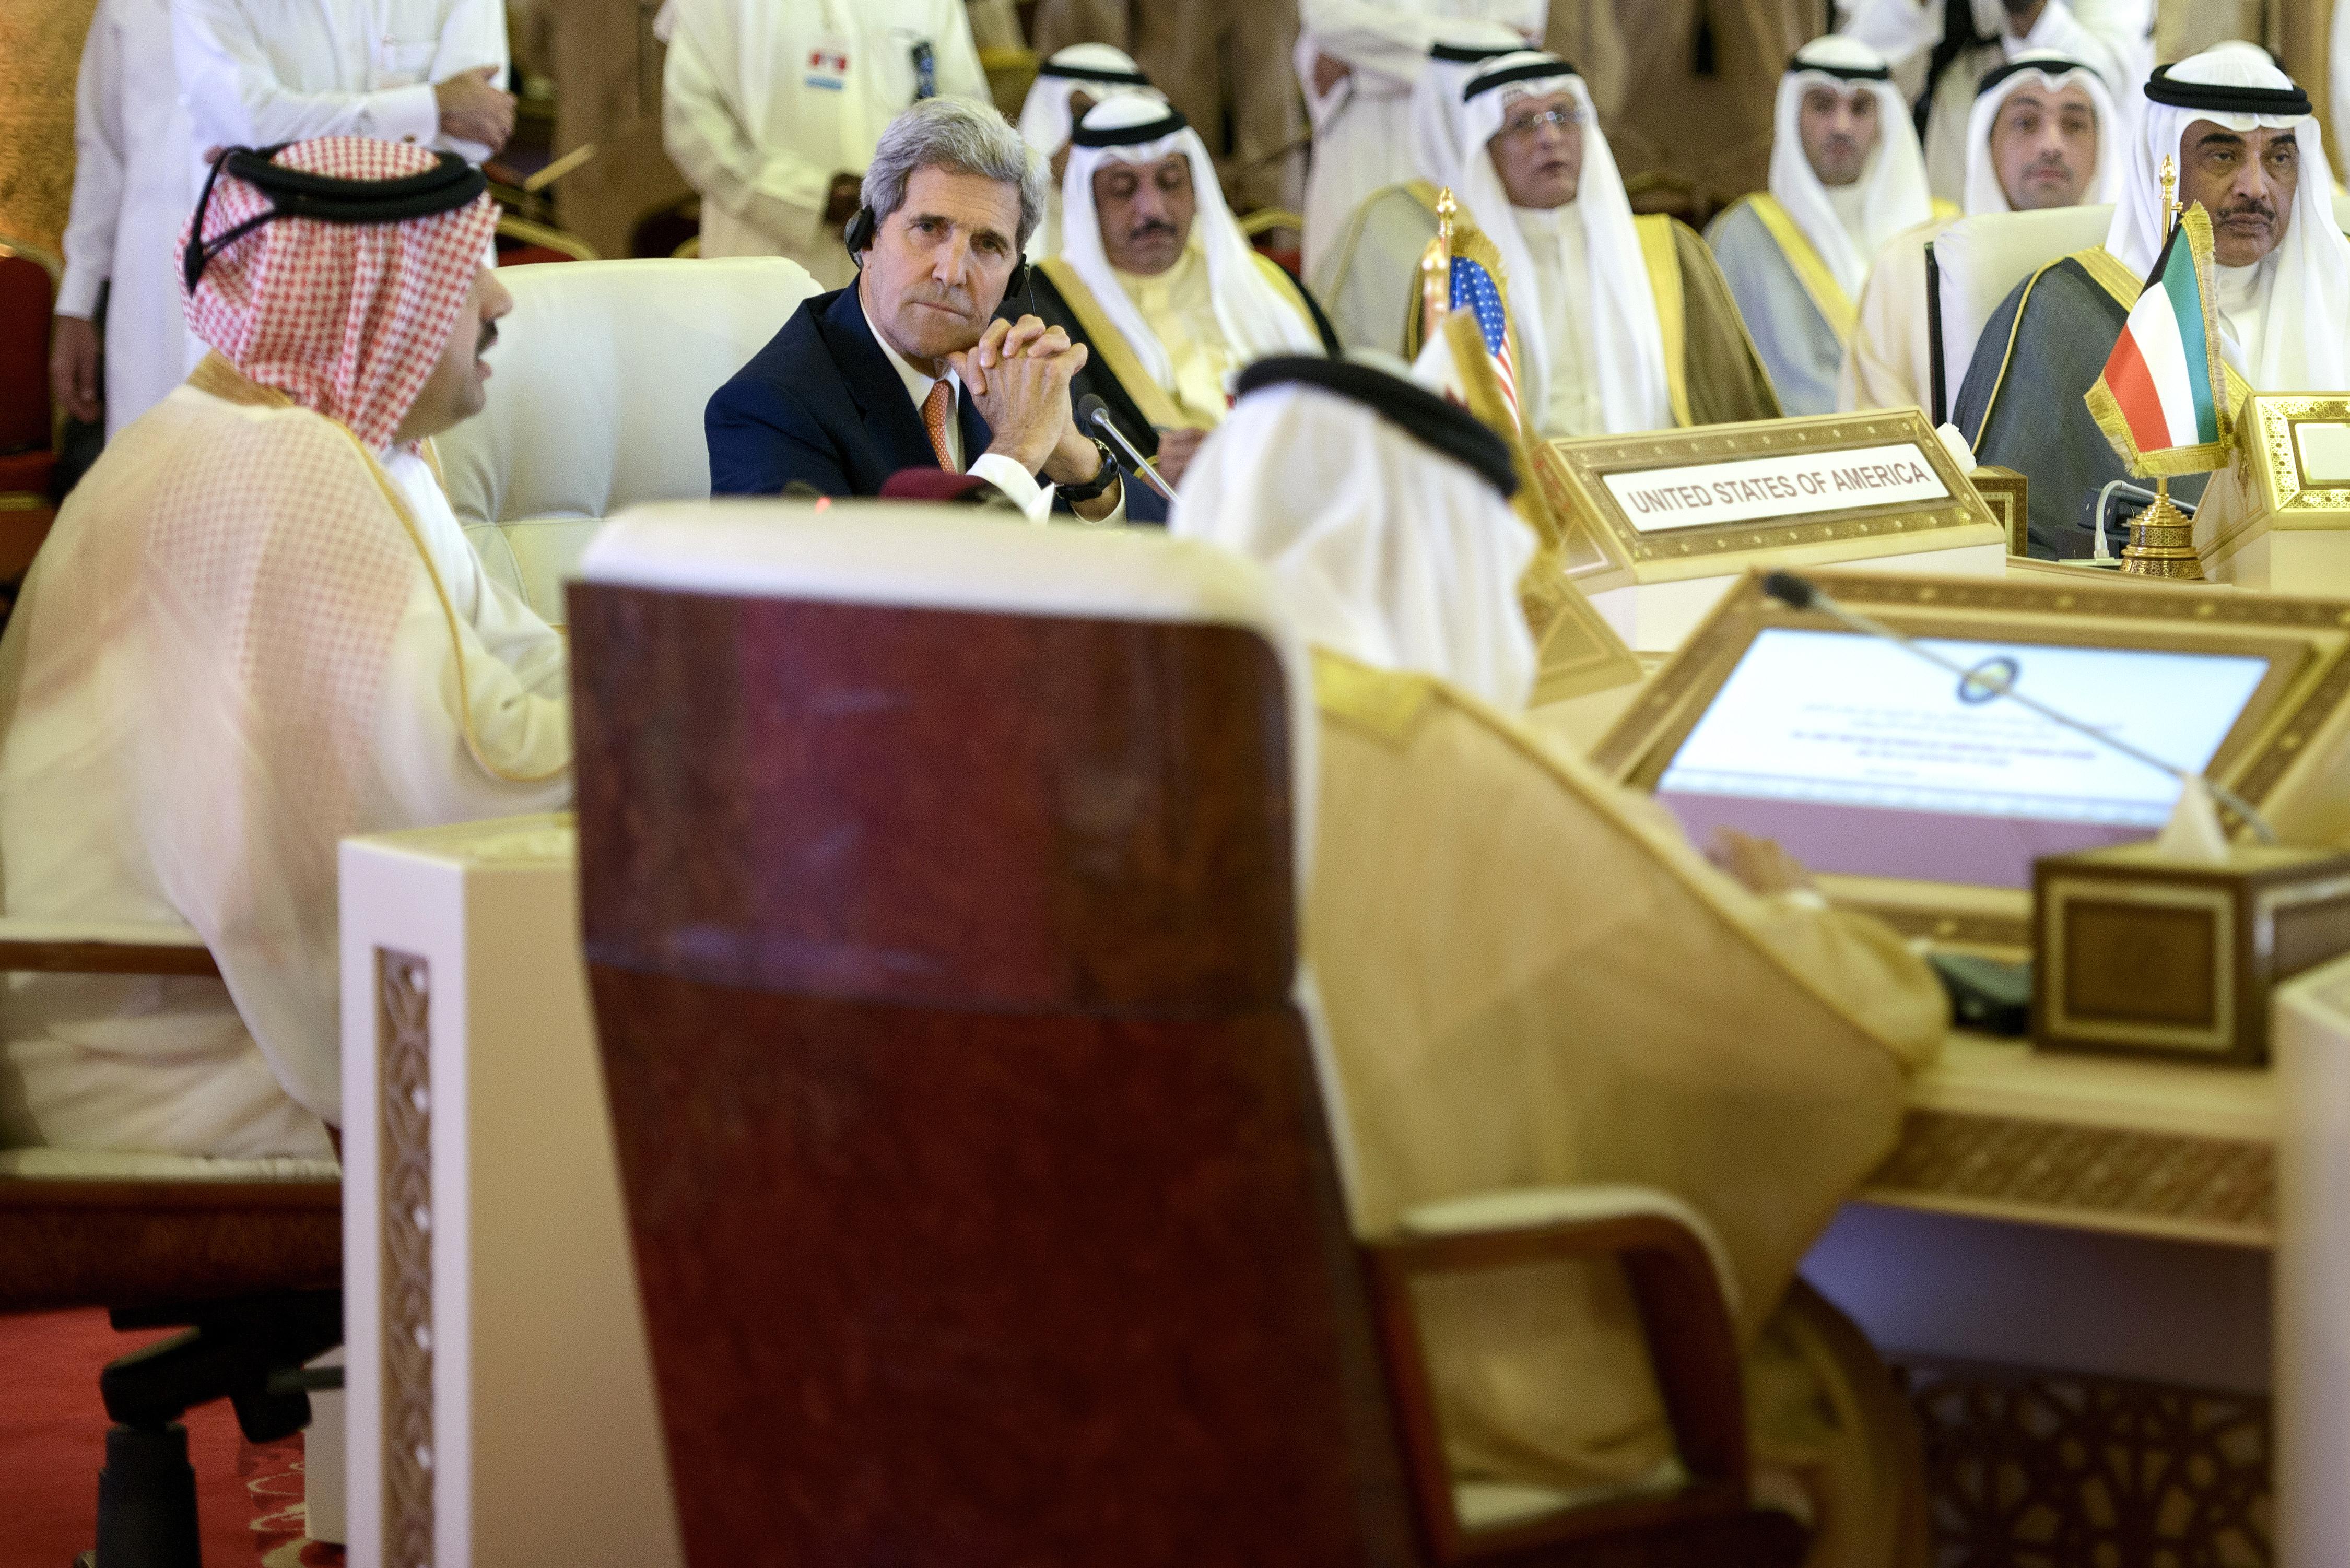 كيري خلال مشاركته في اجتماع لوزراء خارجية مجلس التعاون الخليجي- أرشيف